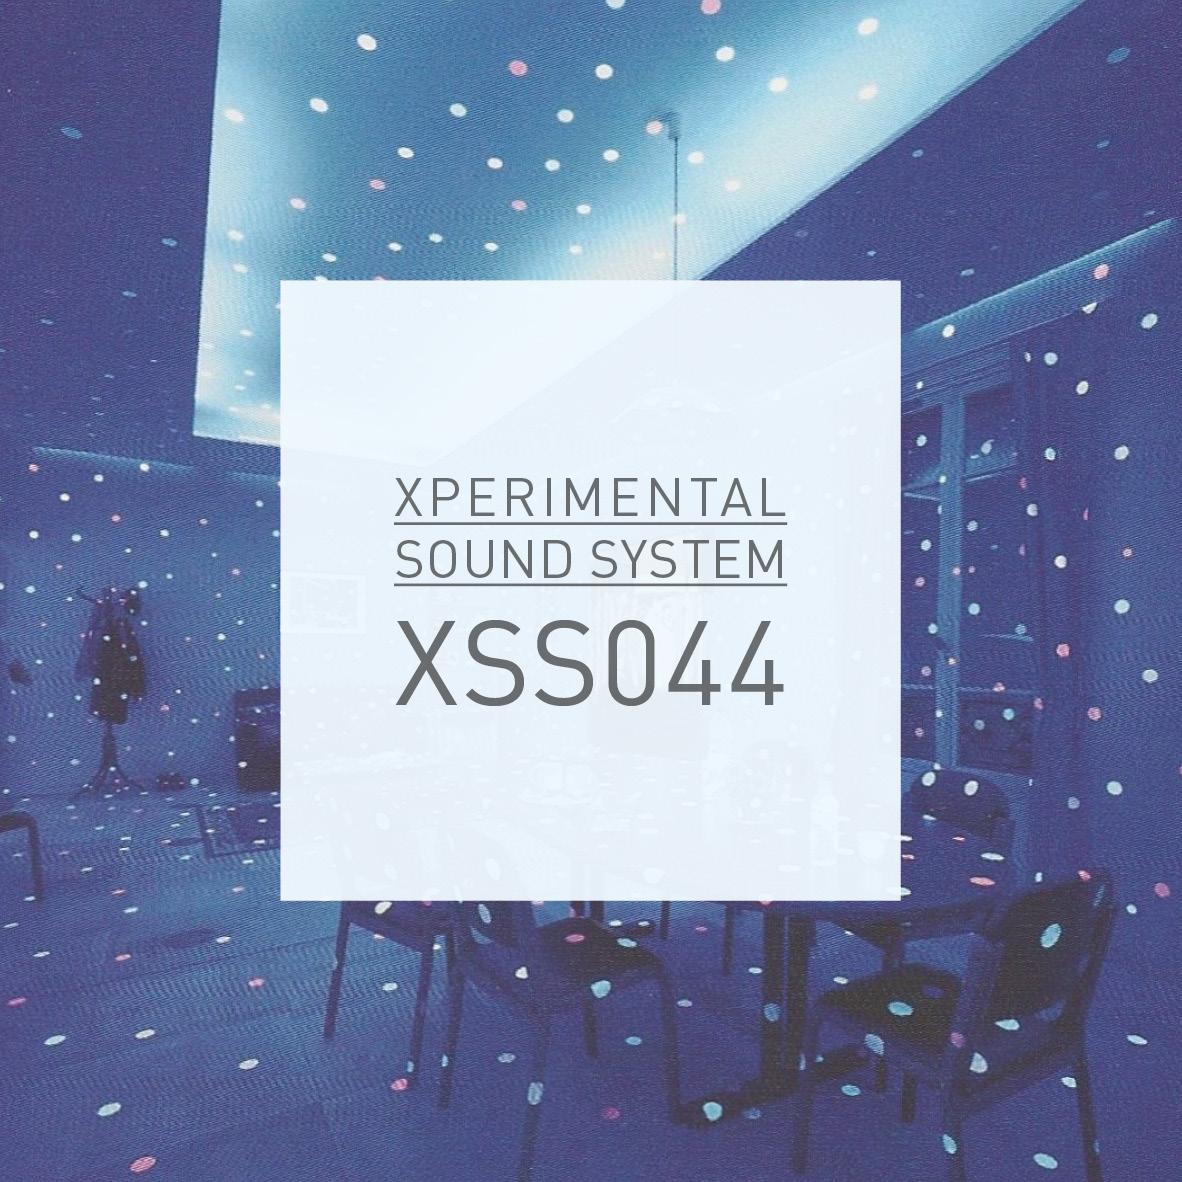 XSS044